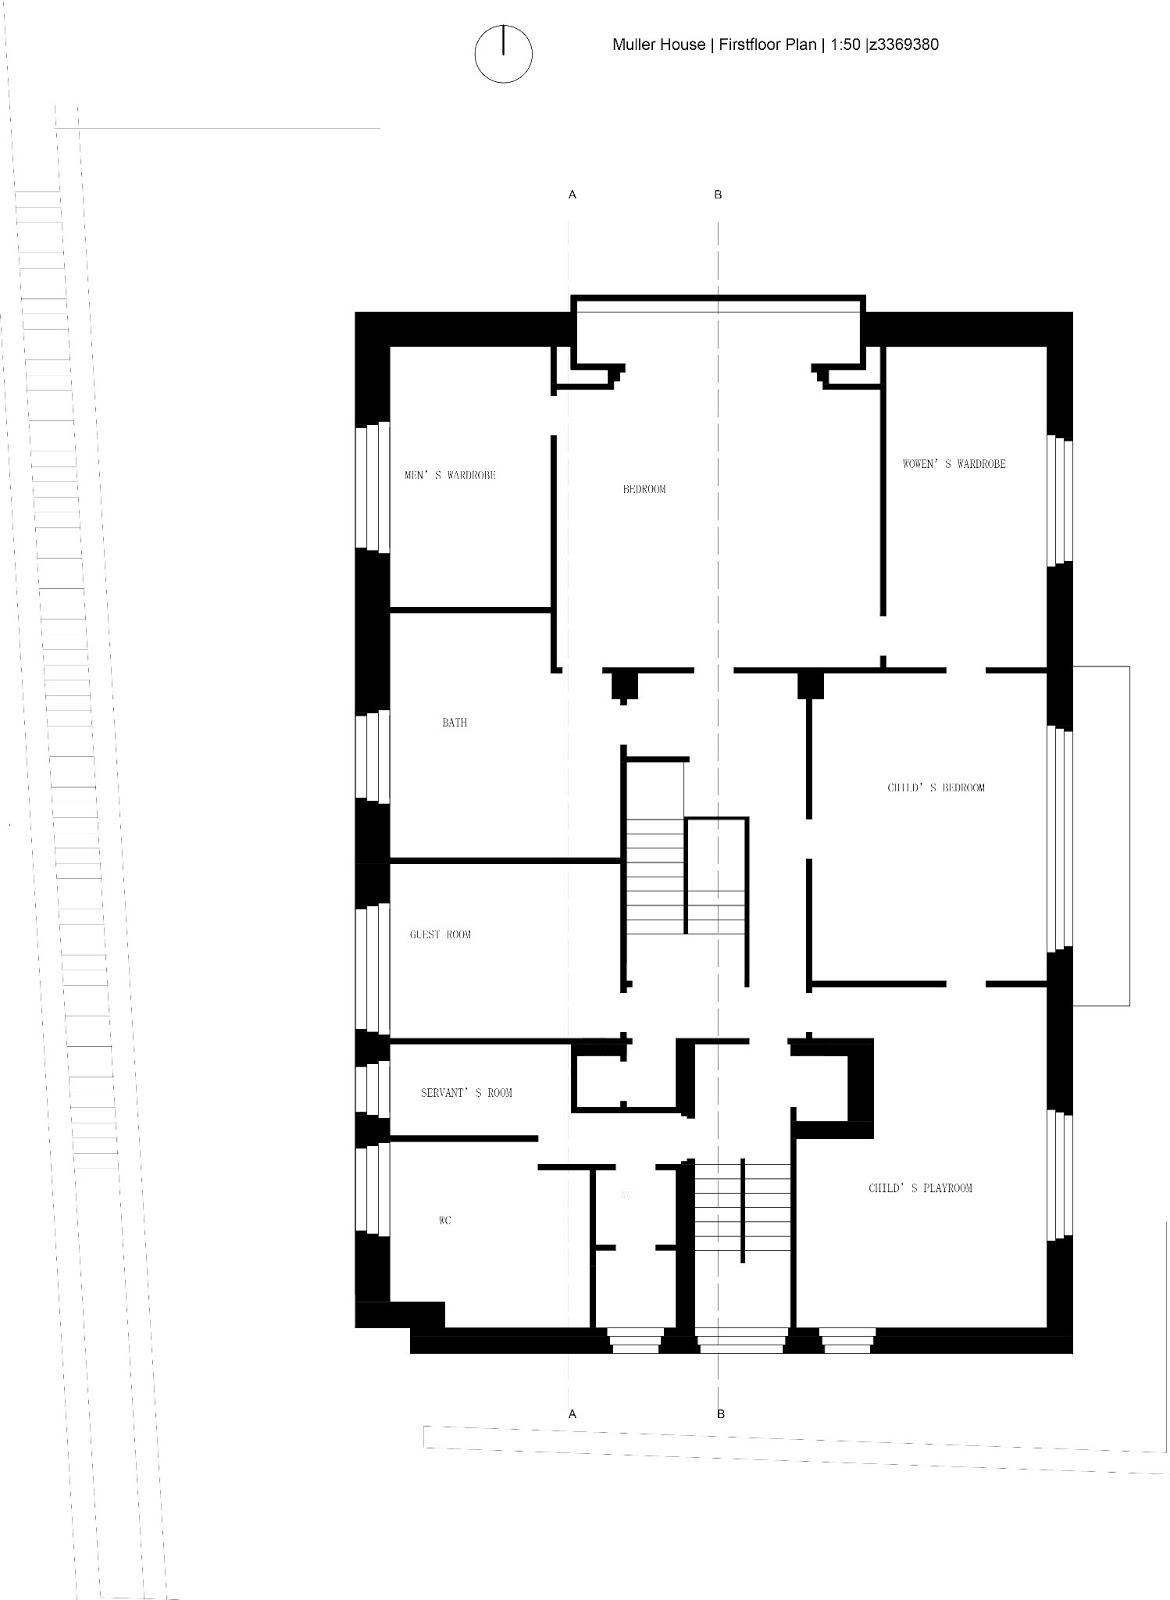 Tianlu Jiang Arch1201 Part A Villa Muller Plans Sections